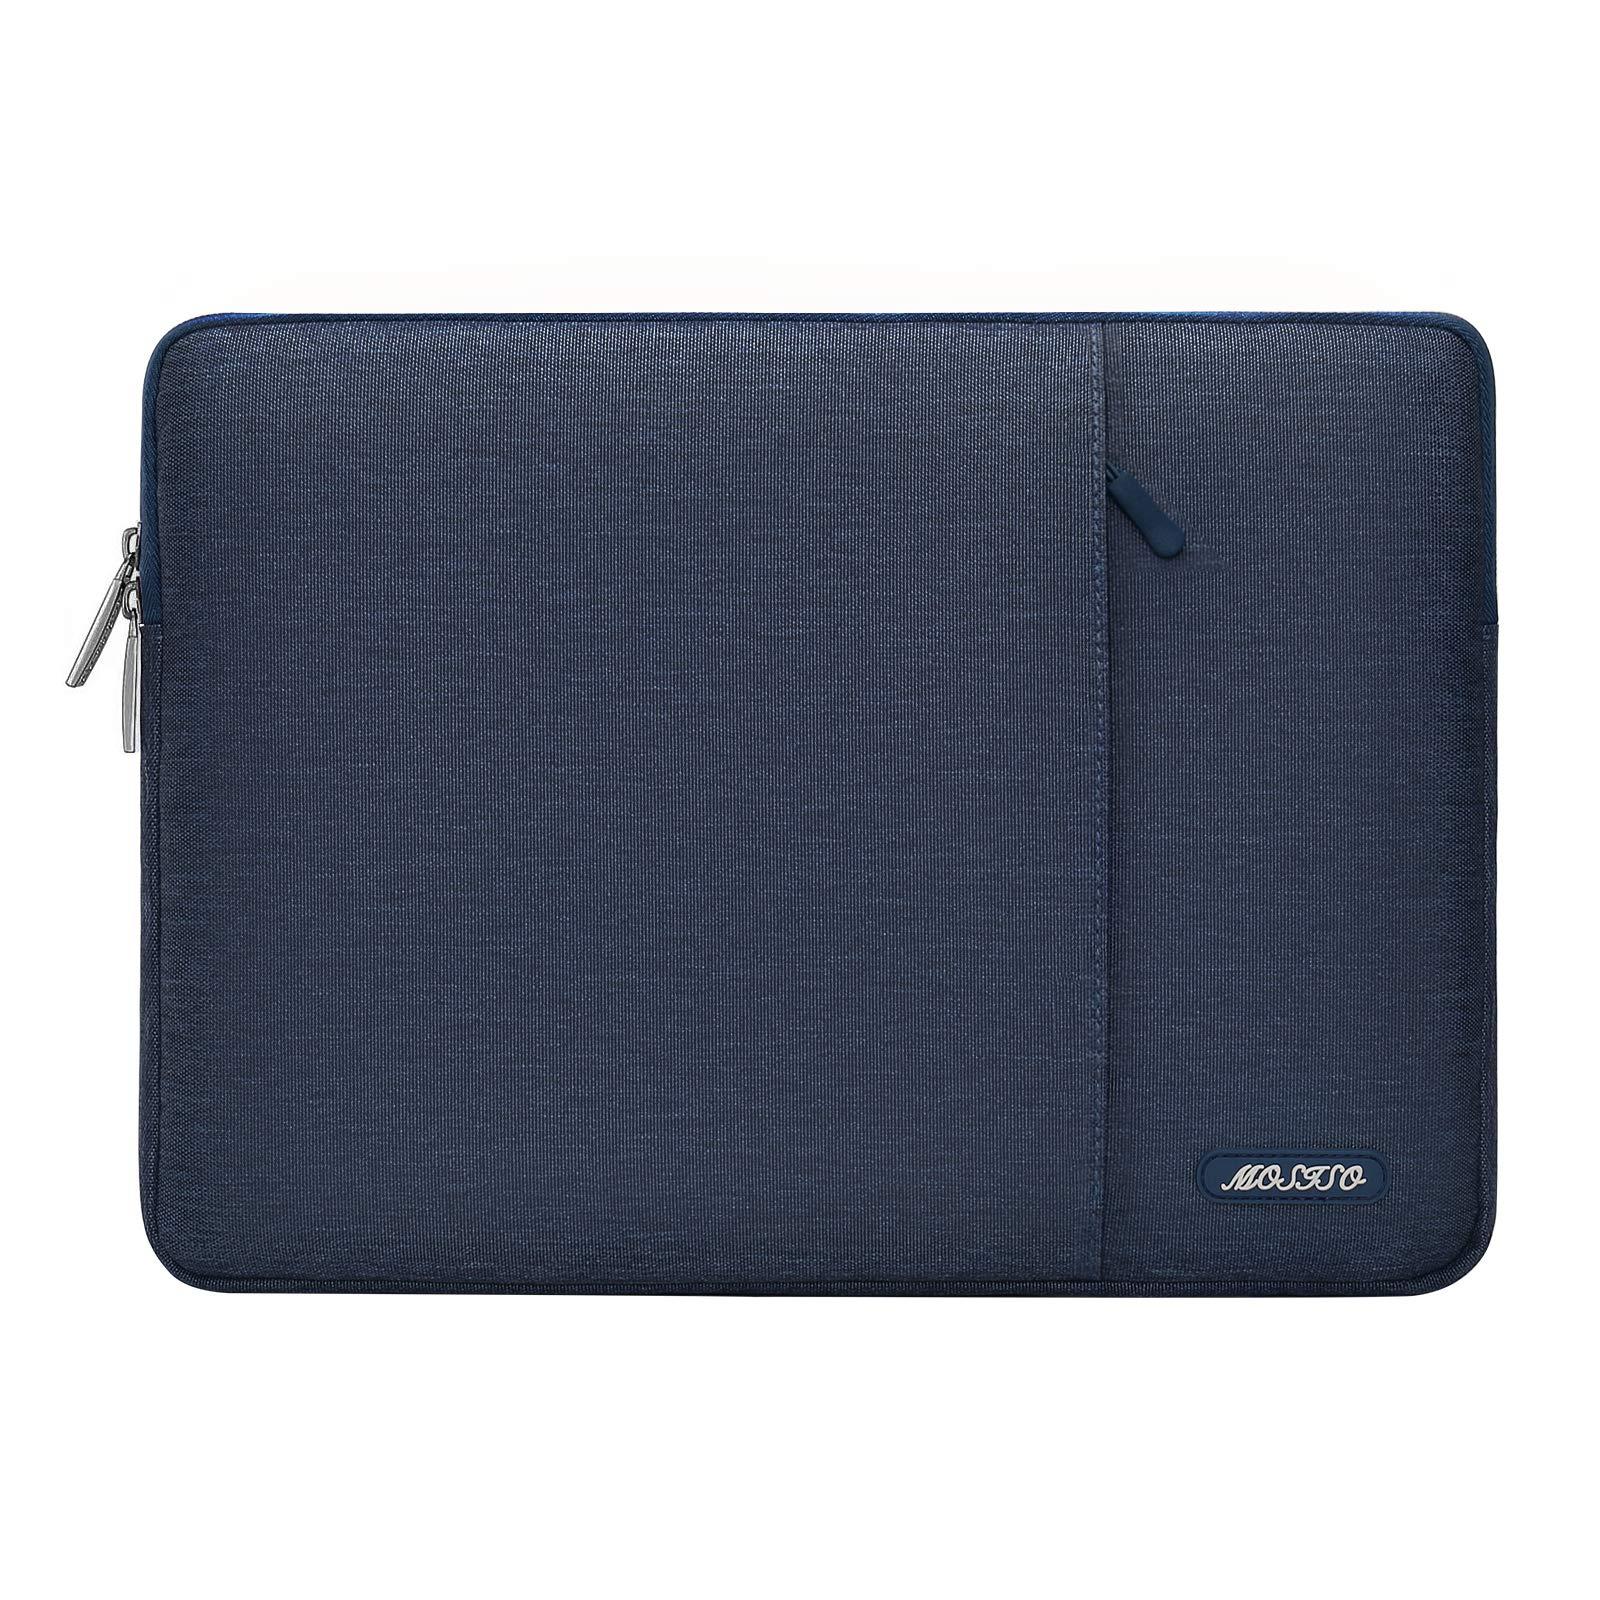 Funda MOSISO Azul Oscuro Para Laptop 13 Pulgadas